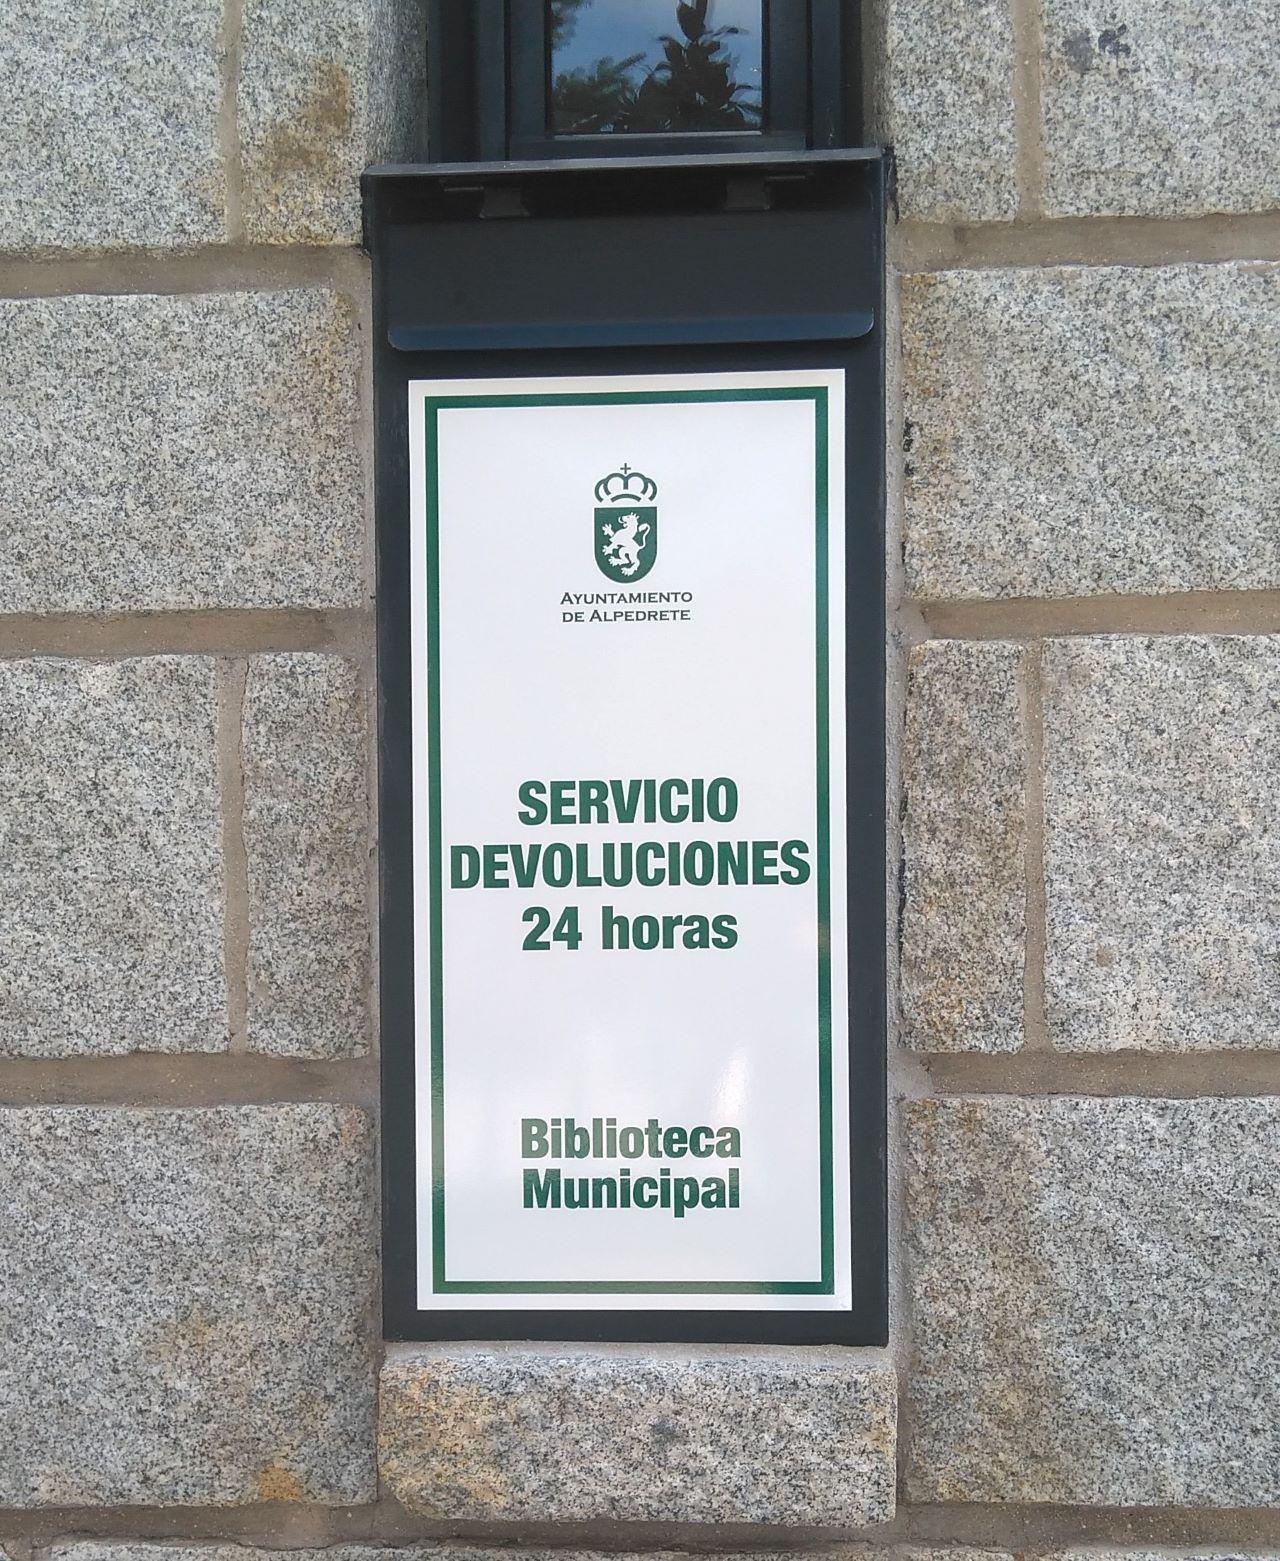 Imagen de la noticia La Biblioteca Municipal pone en marcha el buzón de devolución de préstamos 24 horas